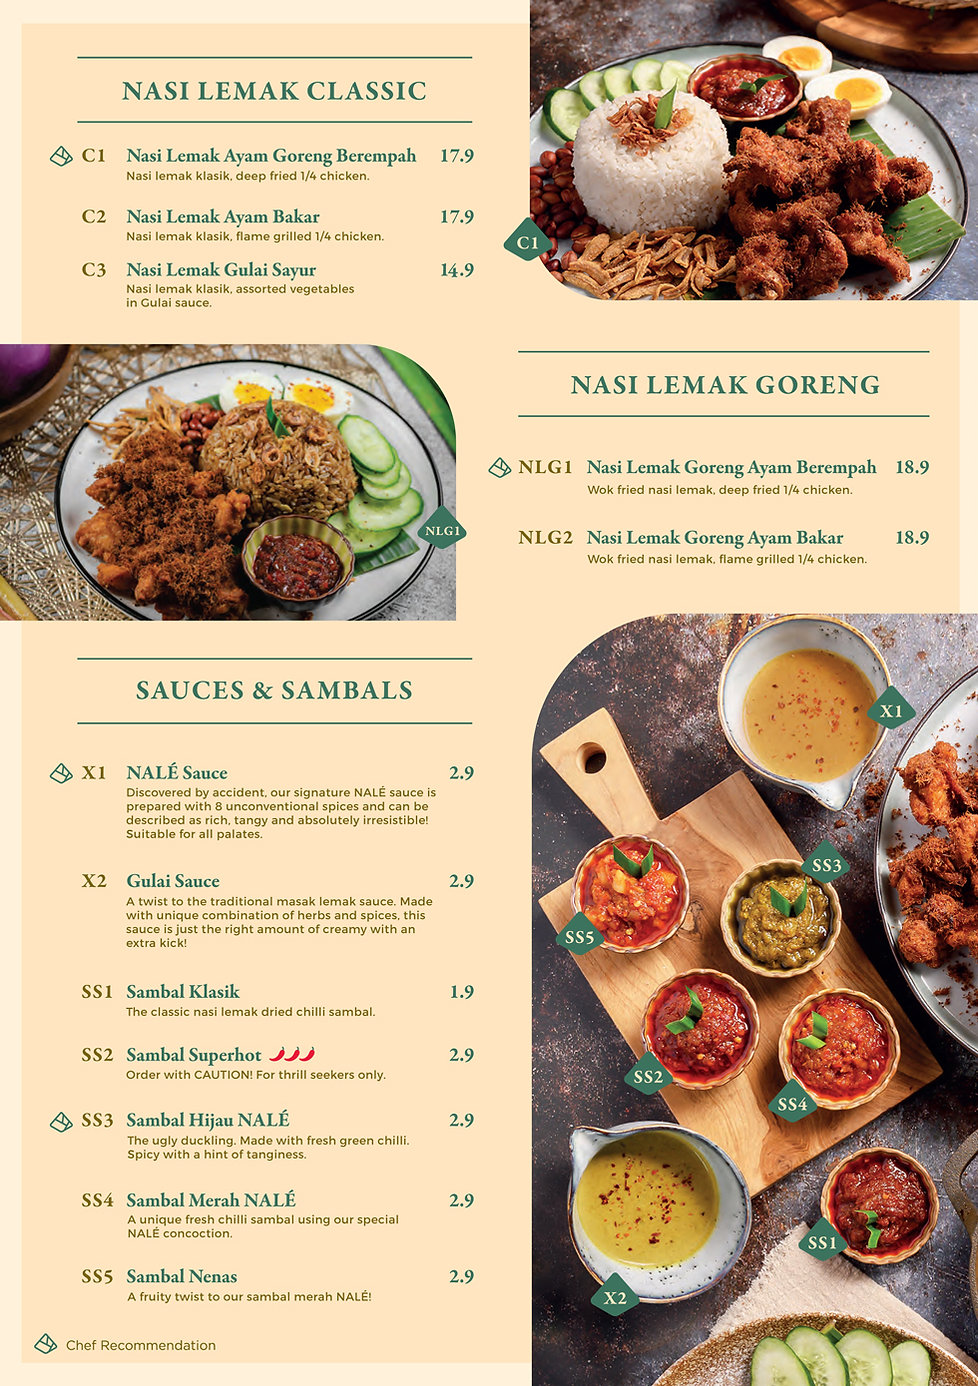 nale_menu_split_02062021-980-03.jpg